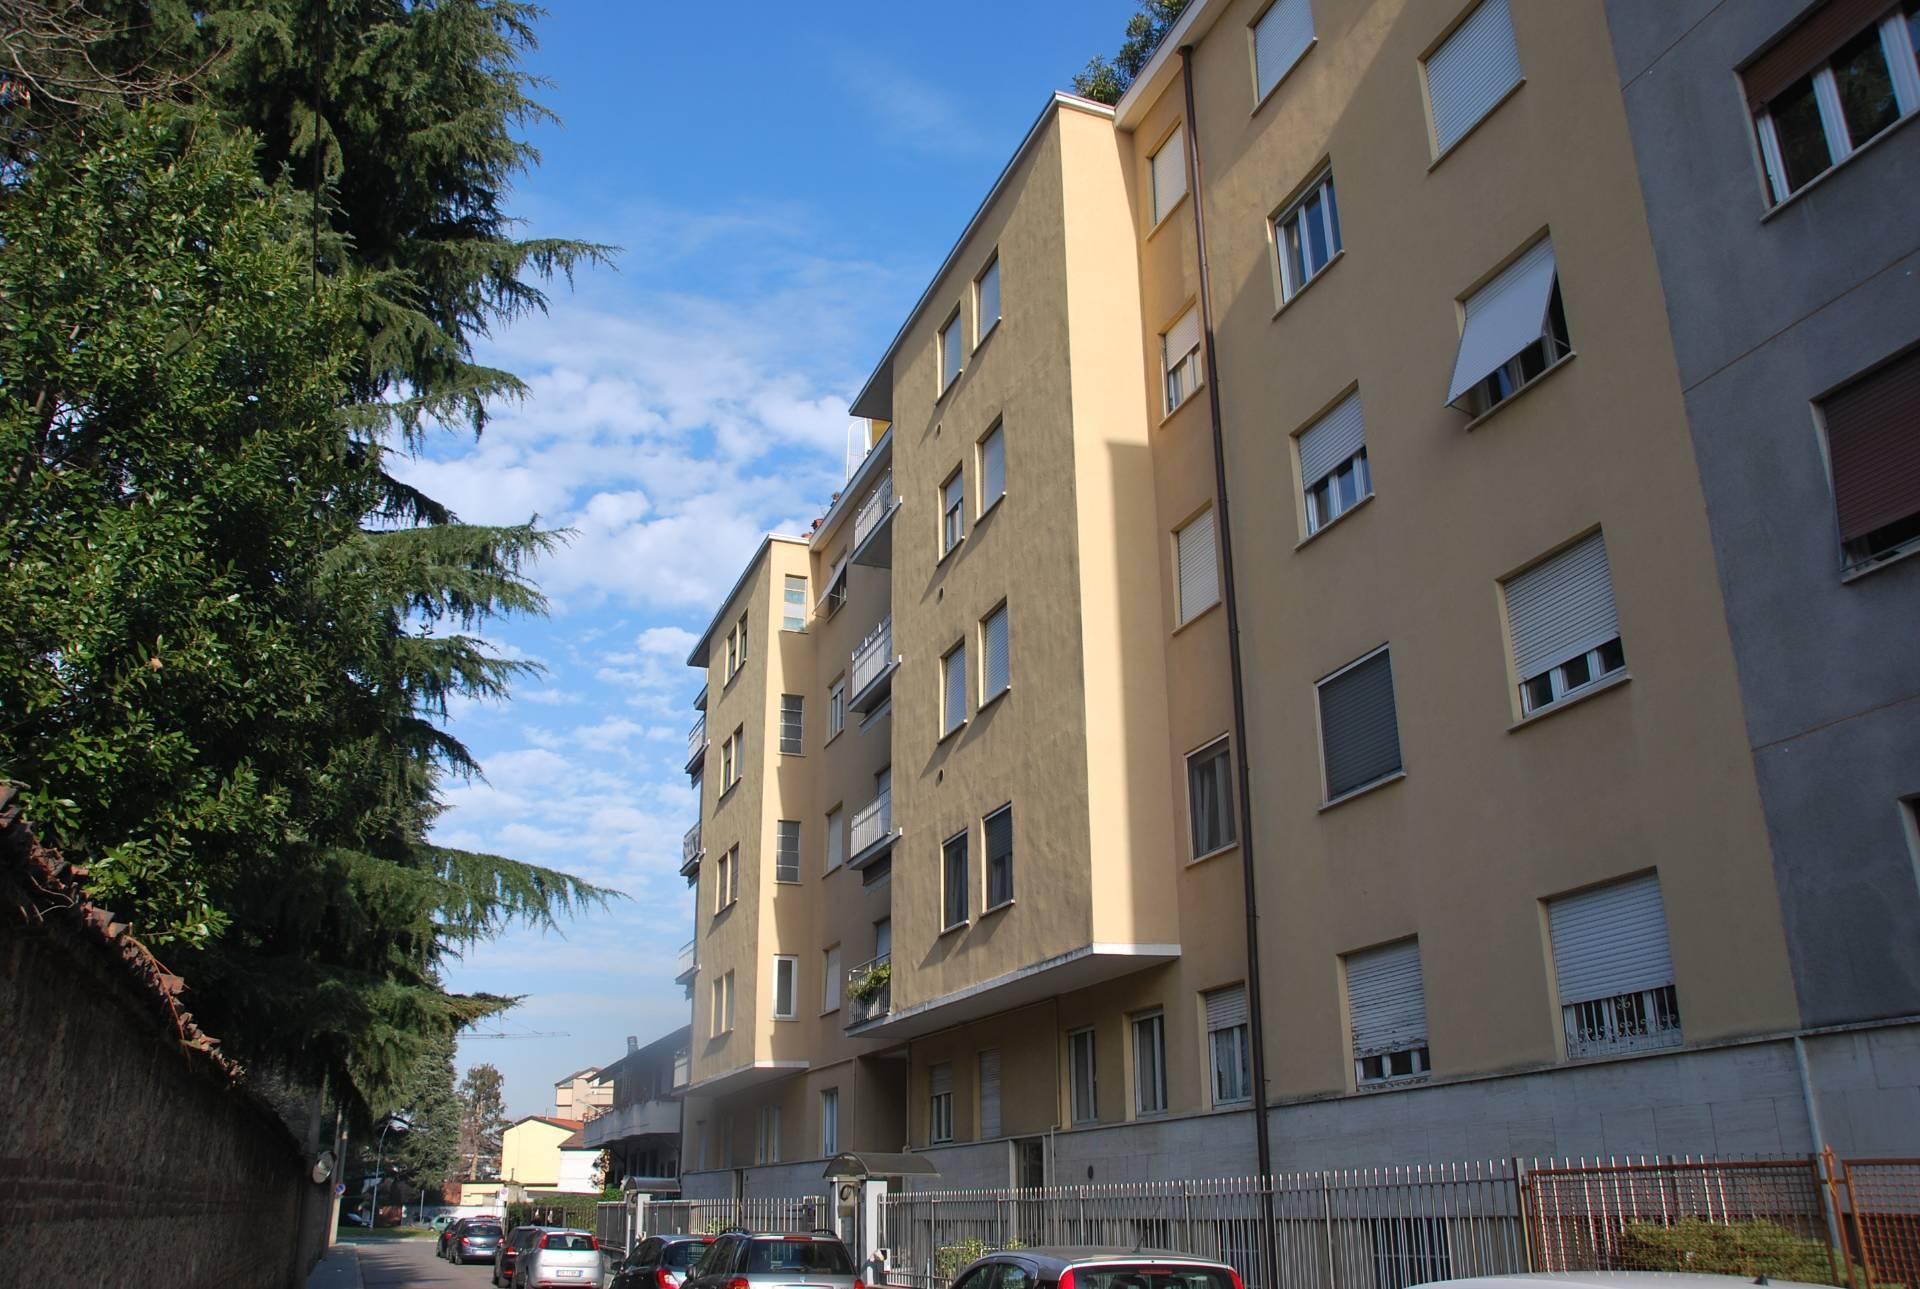 Appartamento in vendita a Legnano, 2 locali, zona Zona: Ronchi, prezzo € 75.000   CambioCasa.it